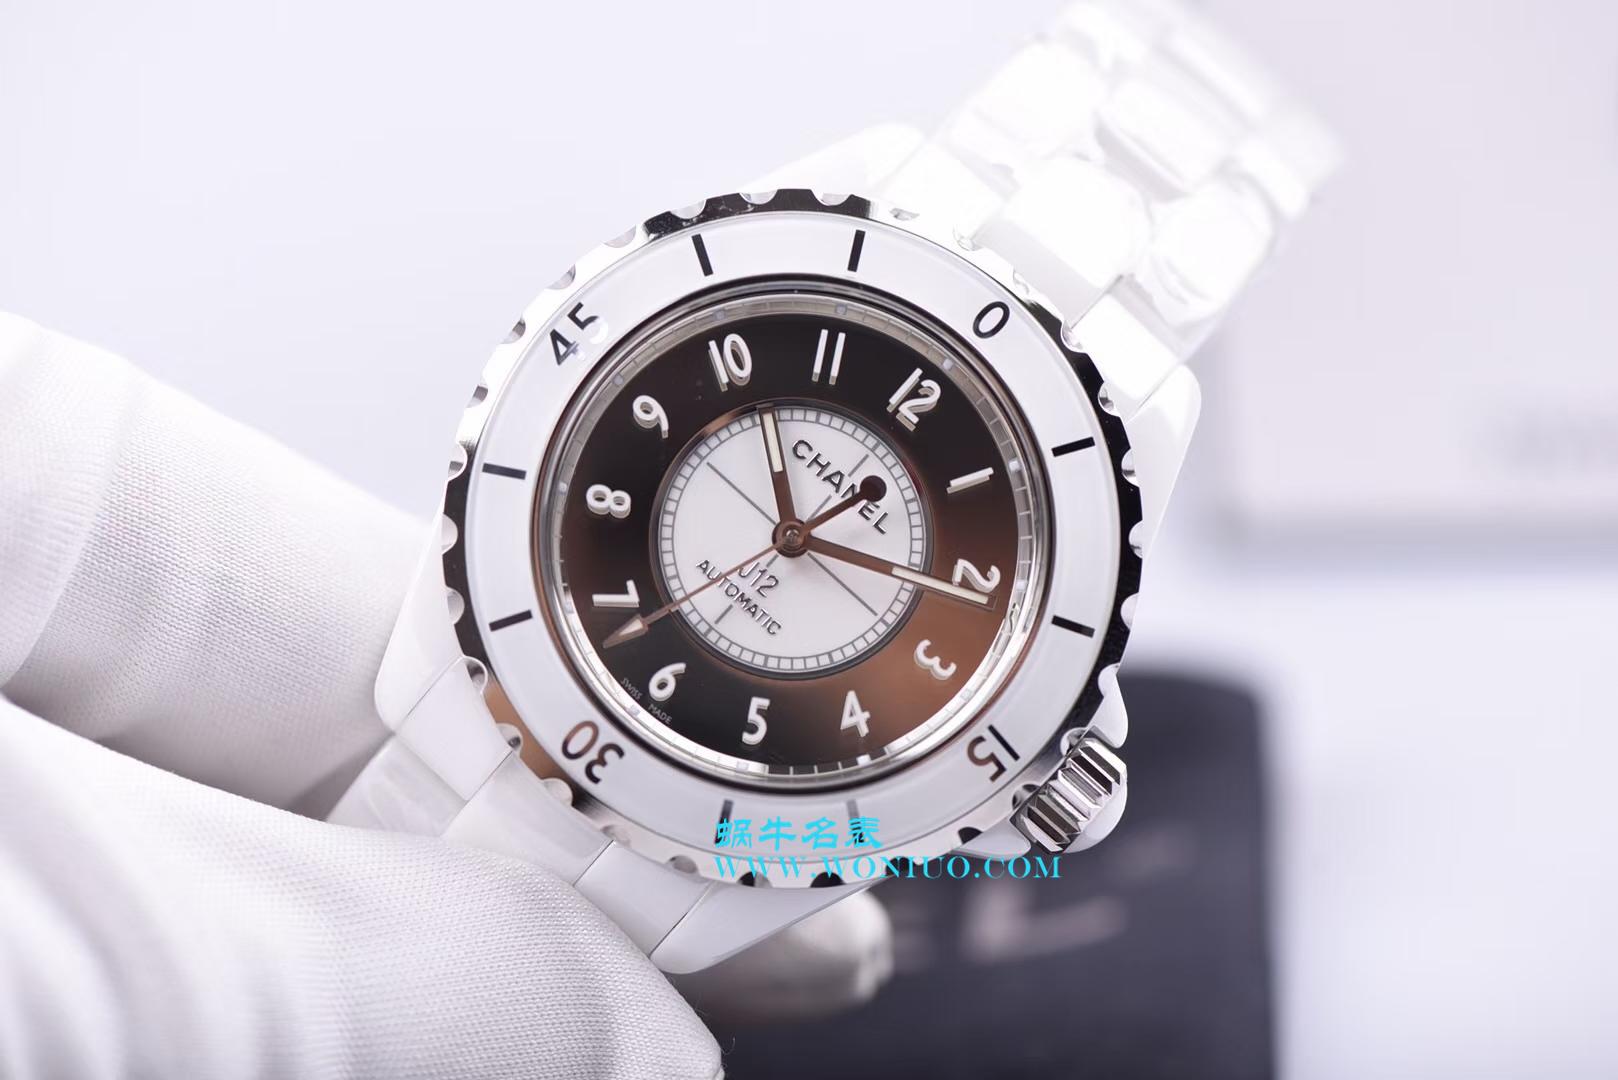 【独家视频评测】KOR韩版 香奈儿 J12香奈儿INTENSE 重置加强版38MM 男女中性机械腕表 / X027